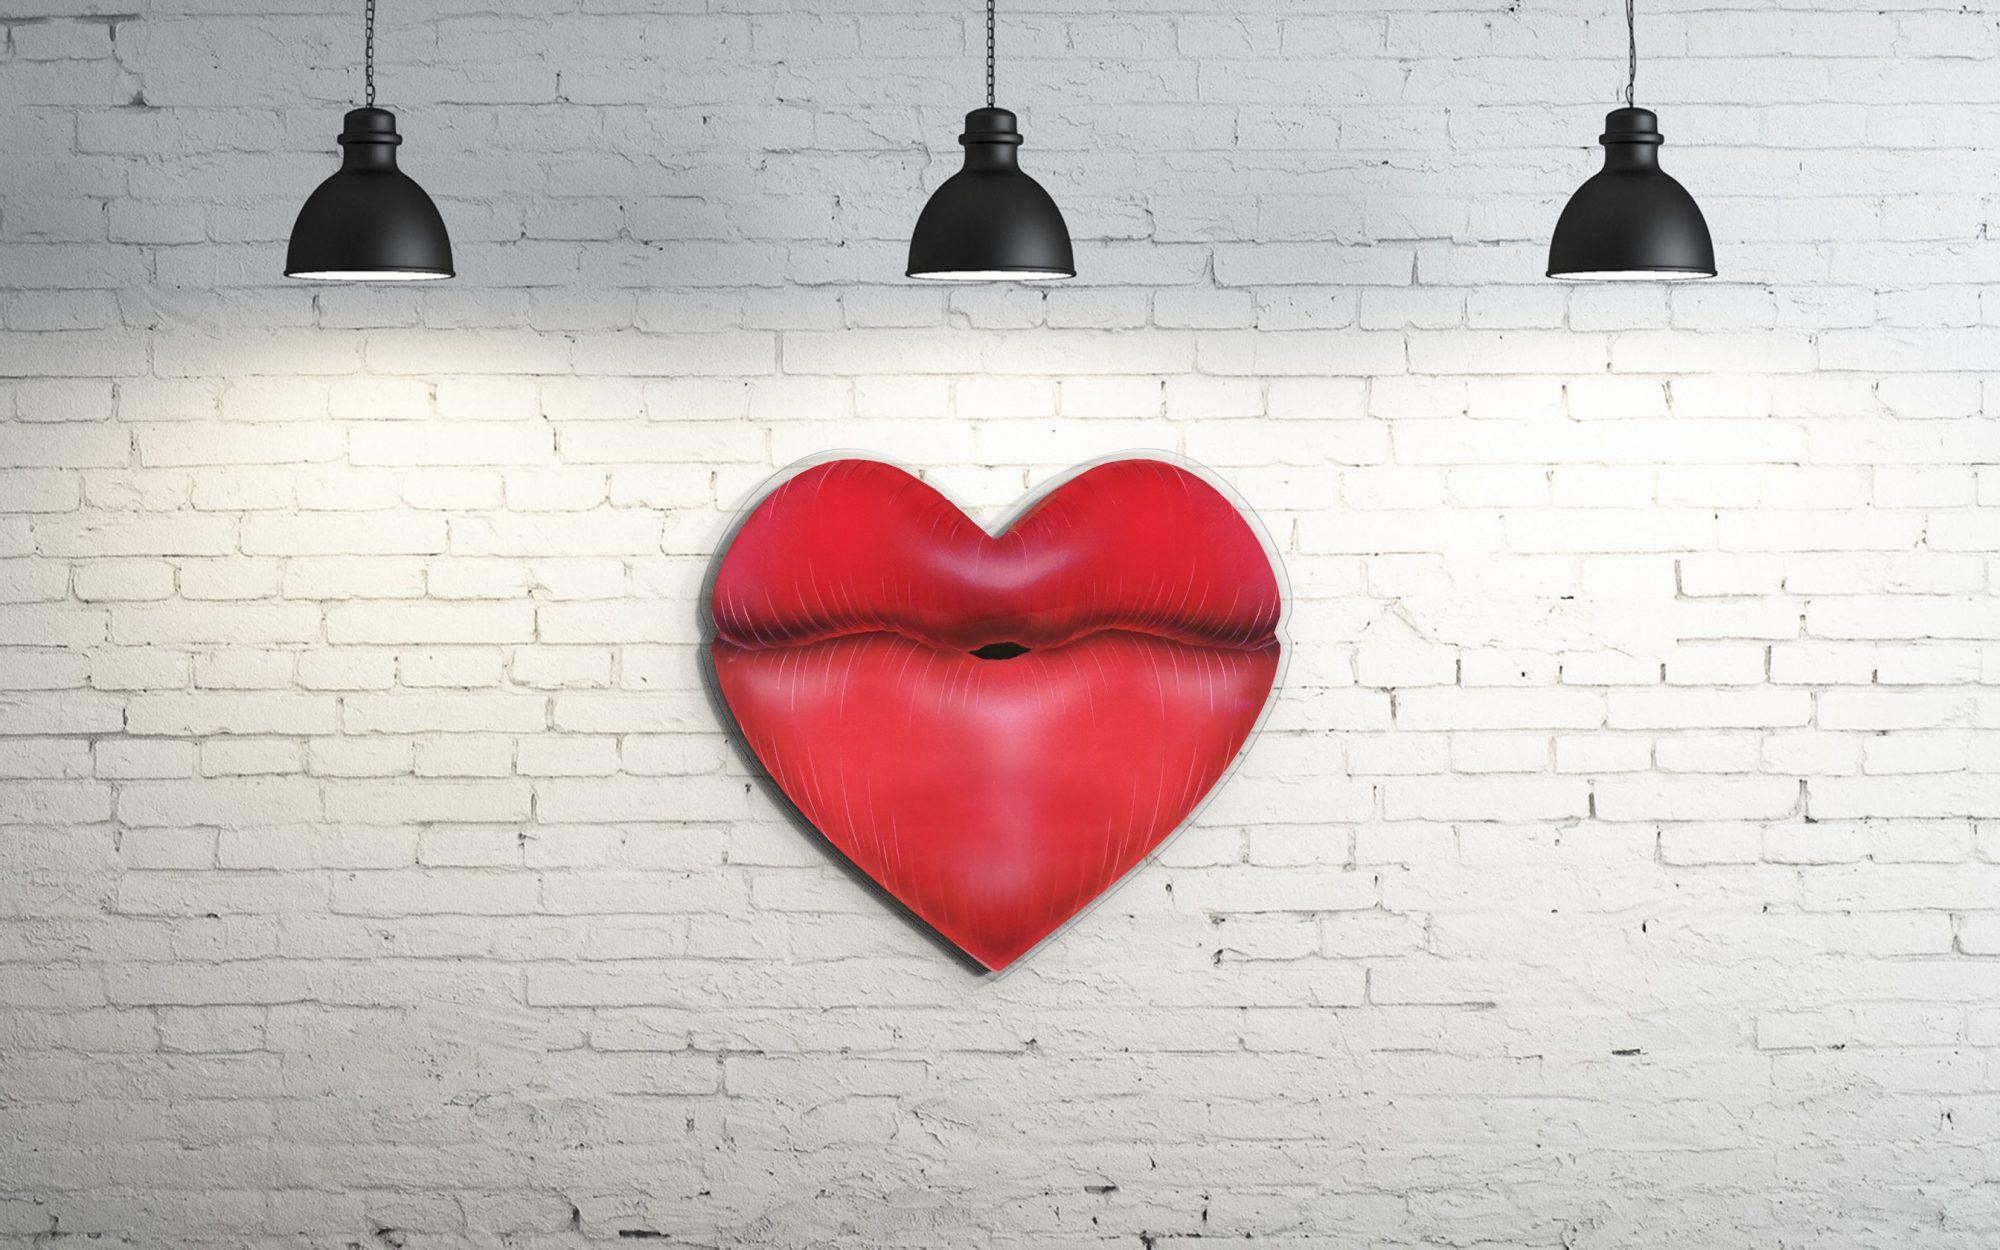 Lips and Love - David Drebin